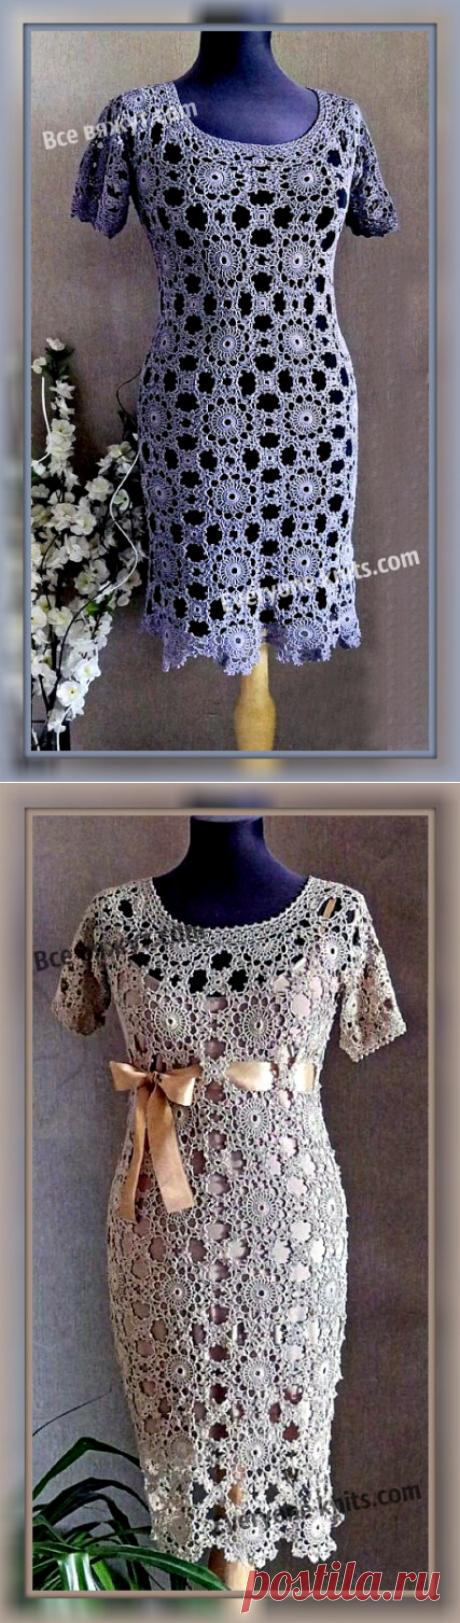 """Эффектное платье """"Ванесса"""" классического силуэта, выполненное из отдельных ажурных мотивов крючком. Описание вязания, схемы мотивов.   Все вяжут.сом/Everyone knits.com  """